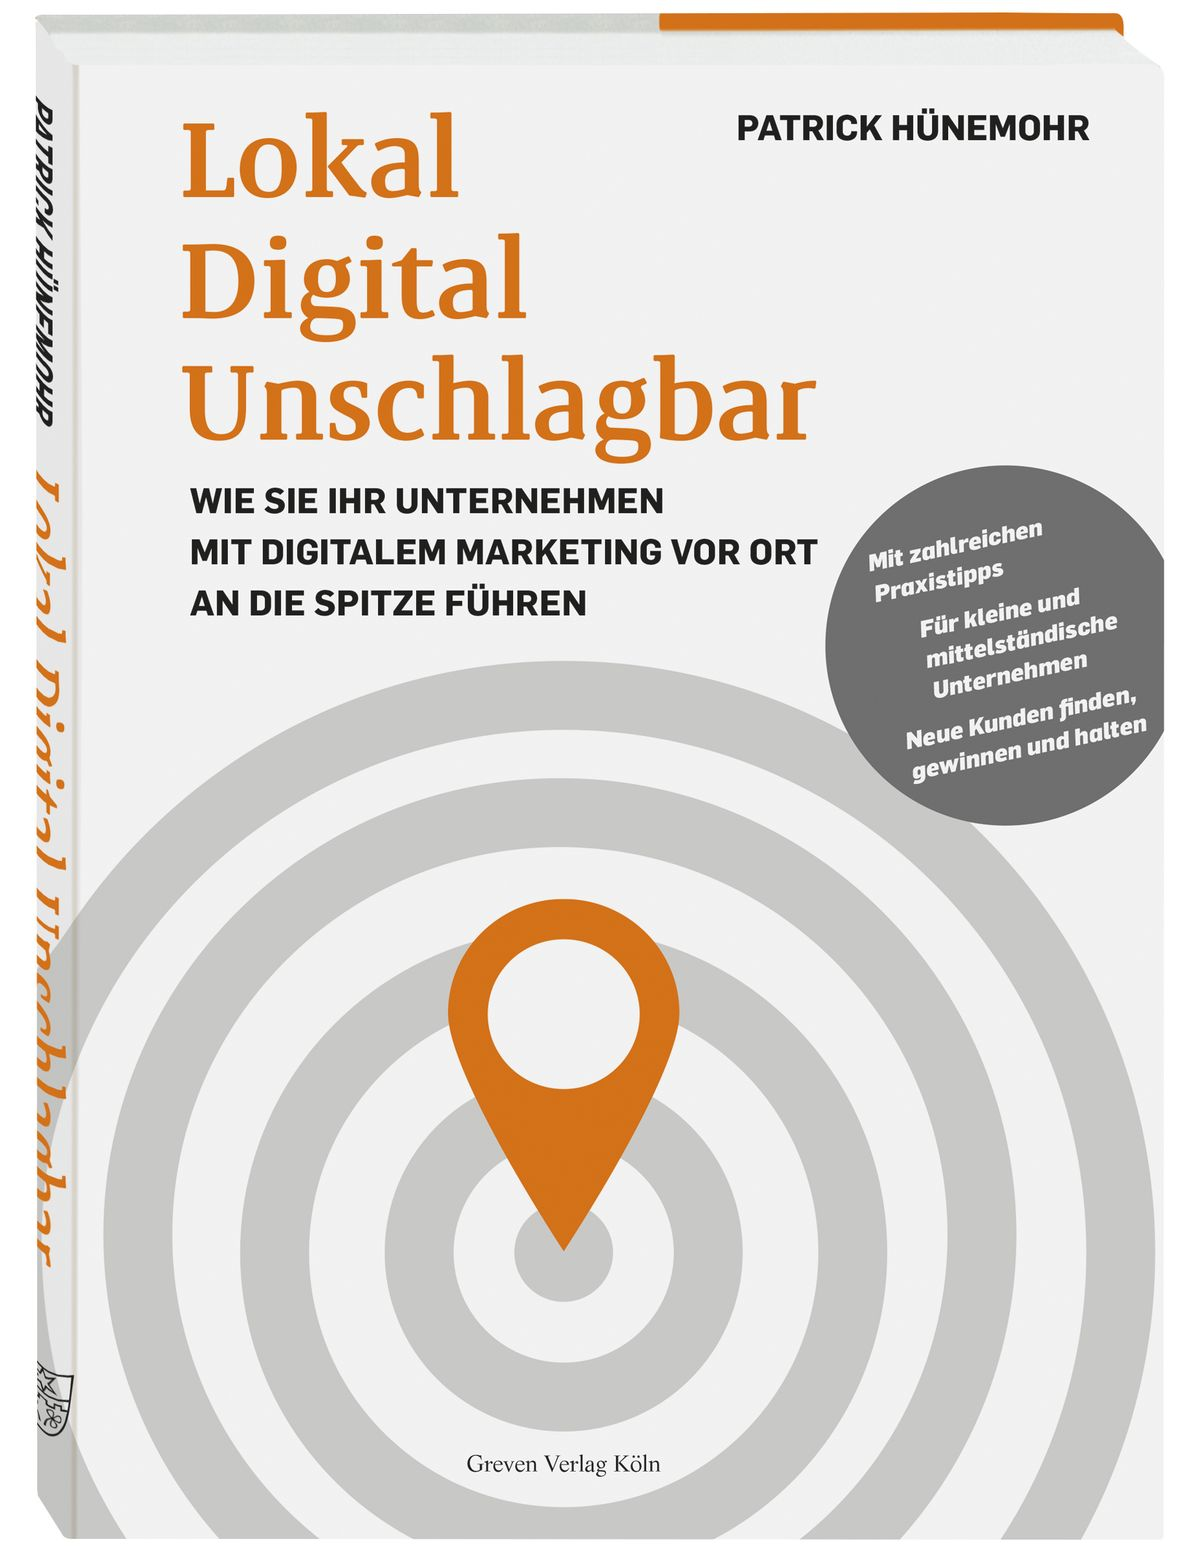 Patrick Hünemohr | Lokal Digital Unschlagbar Wie Sie Ihr Unternehmen mit digitalem Marketing vor Ort an die Spitze führen 256 Seiten | ISBN 978-3-7743-0931-9 | 20,- Euro